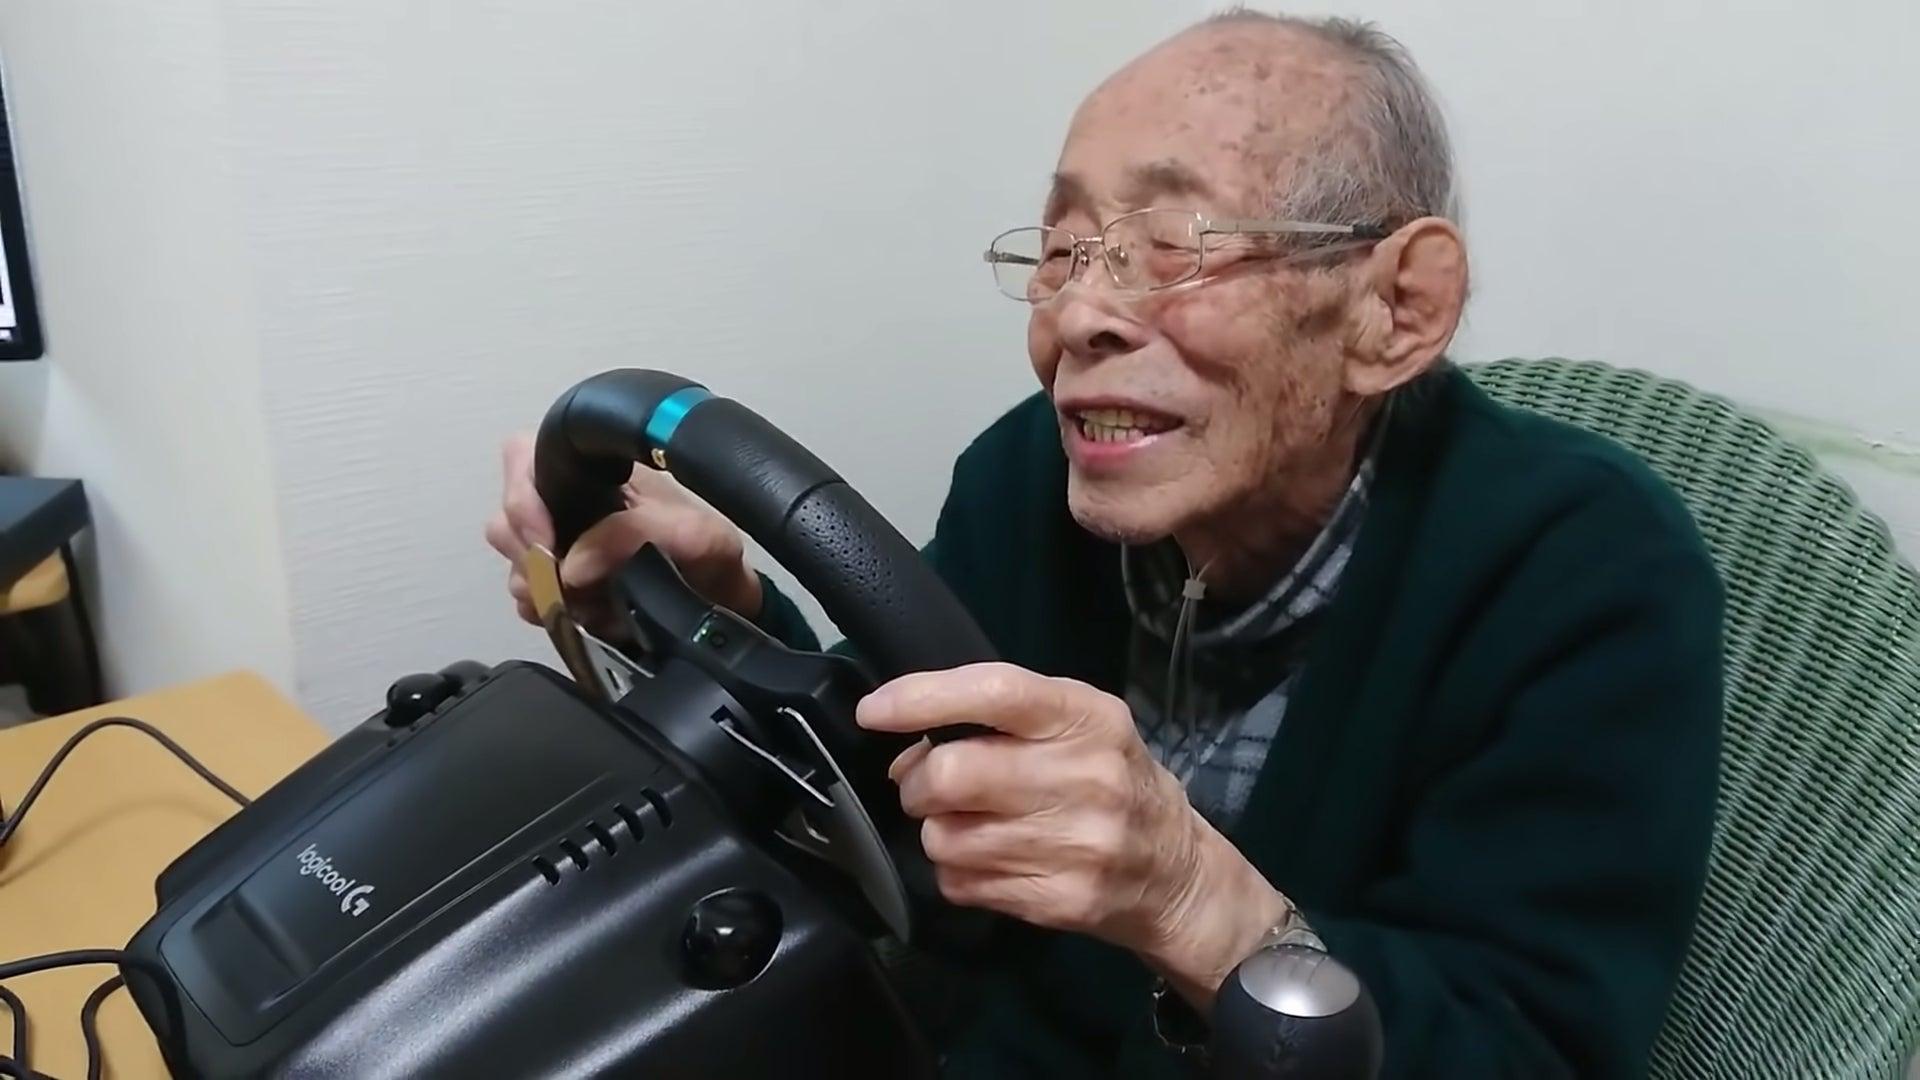 比博人传燃多了 日本93岁老玩家虚拟赛道狂飙